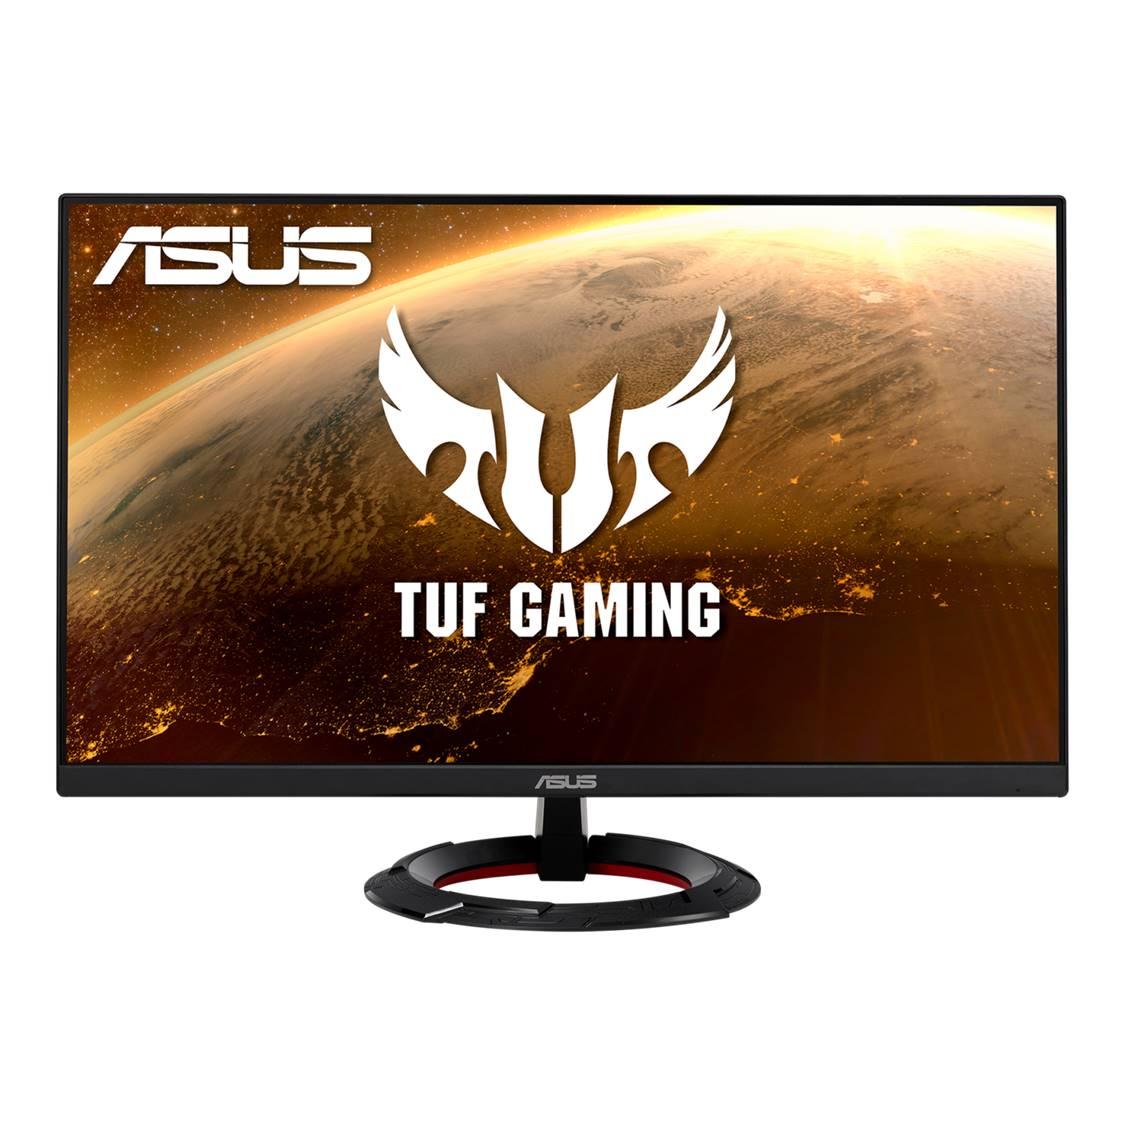 ASUS ゲーミングモニター  TUF Gaming VG249Q1R-J 23.8インチ液晶モニタ